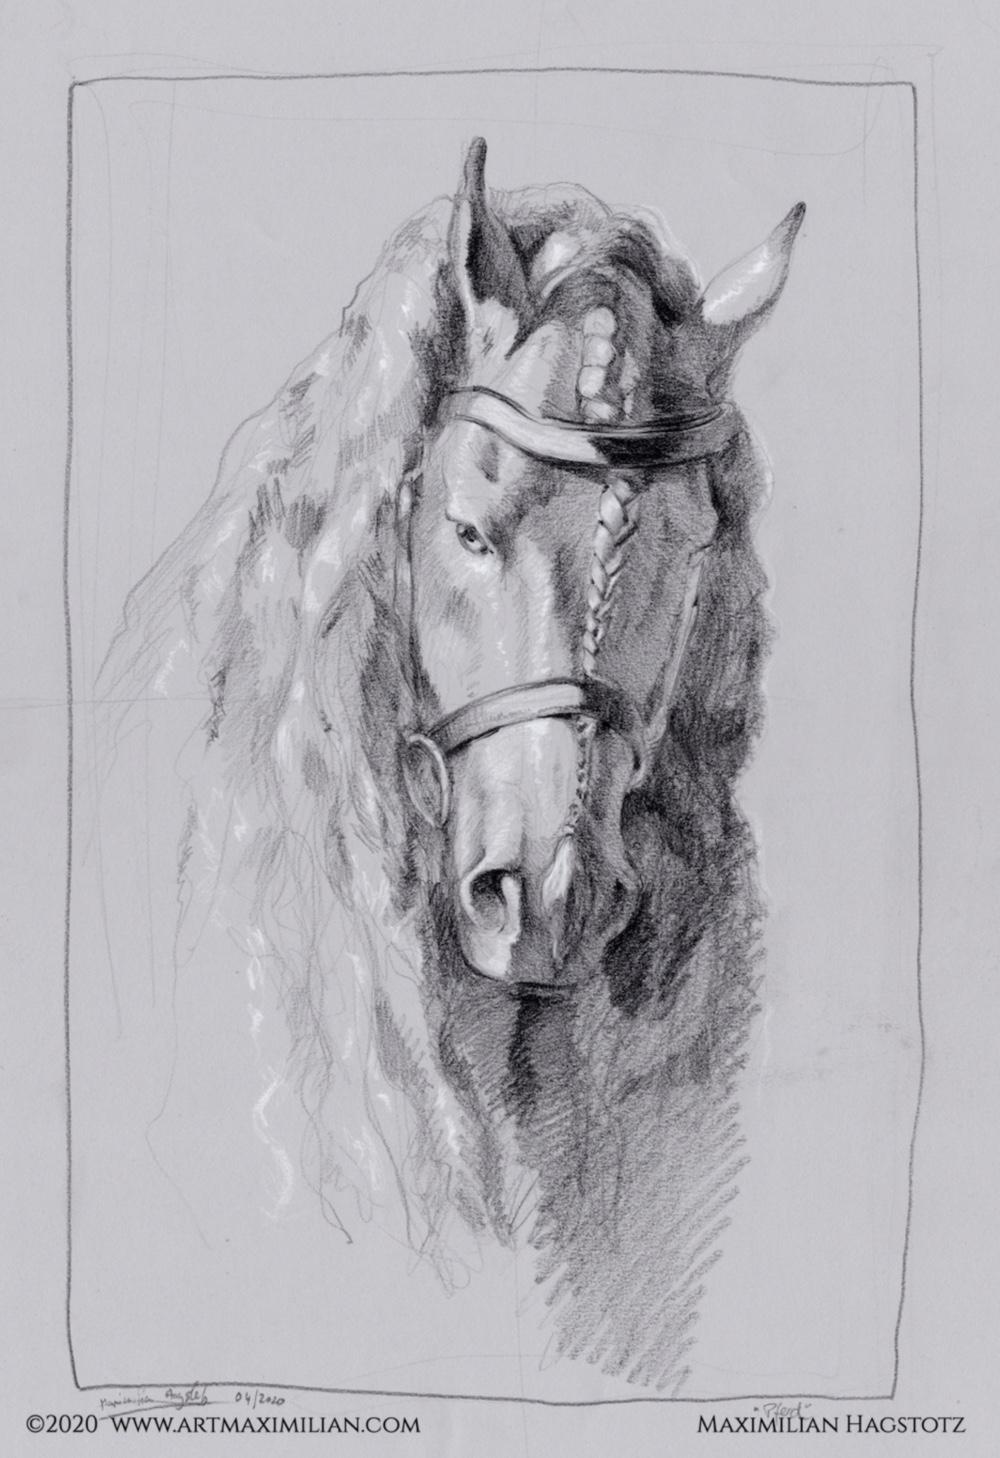 Frise Pferd schwarzweiß mahne schön Porträt Rasse Hengst Zeichnung Kunst Grafik kreide Maximilian Hagstotz Halfter Zaumzeug Geschenkidee Mann Frau